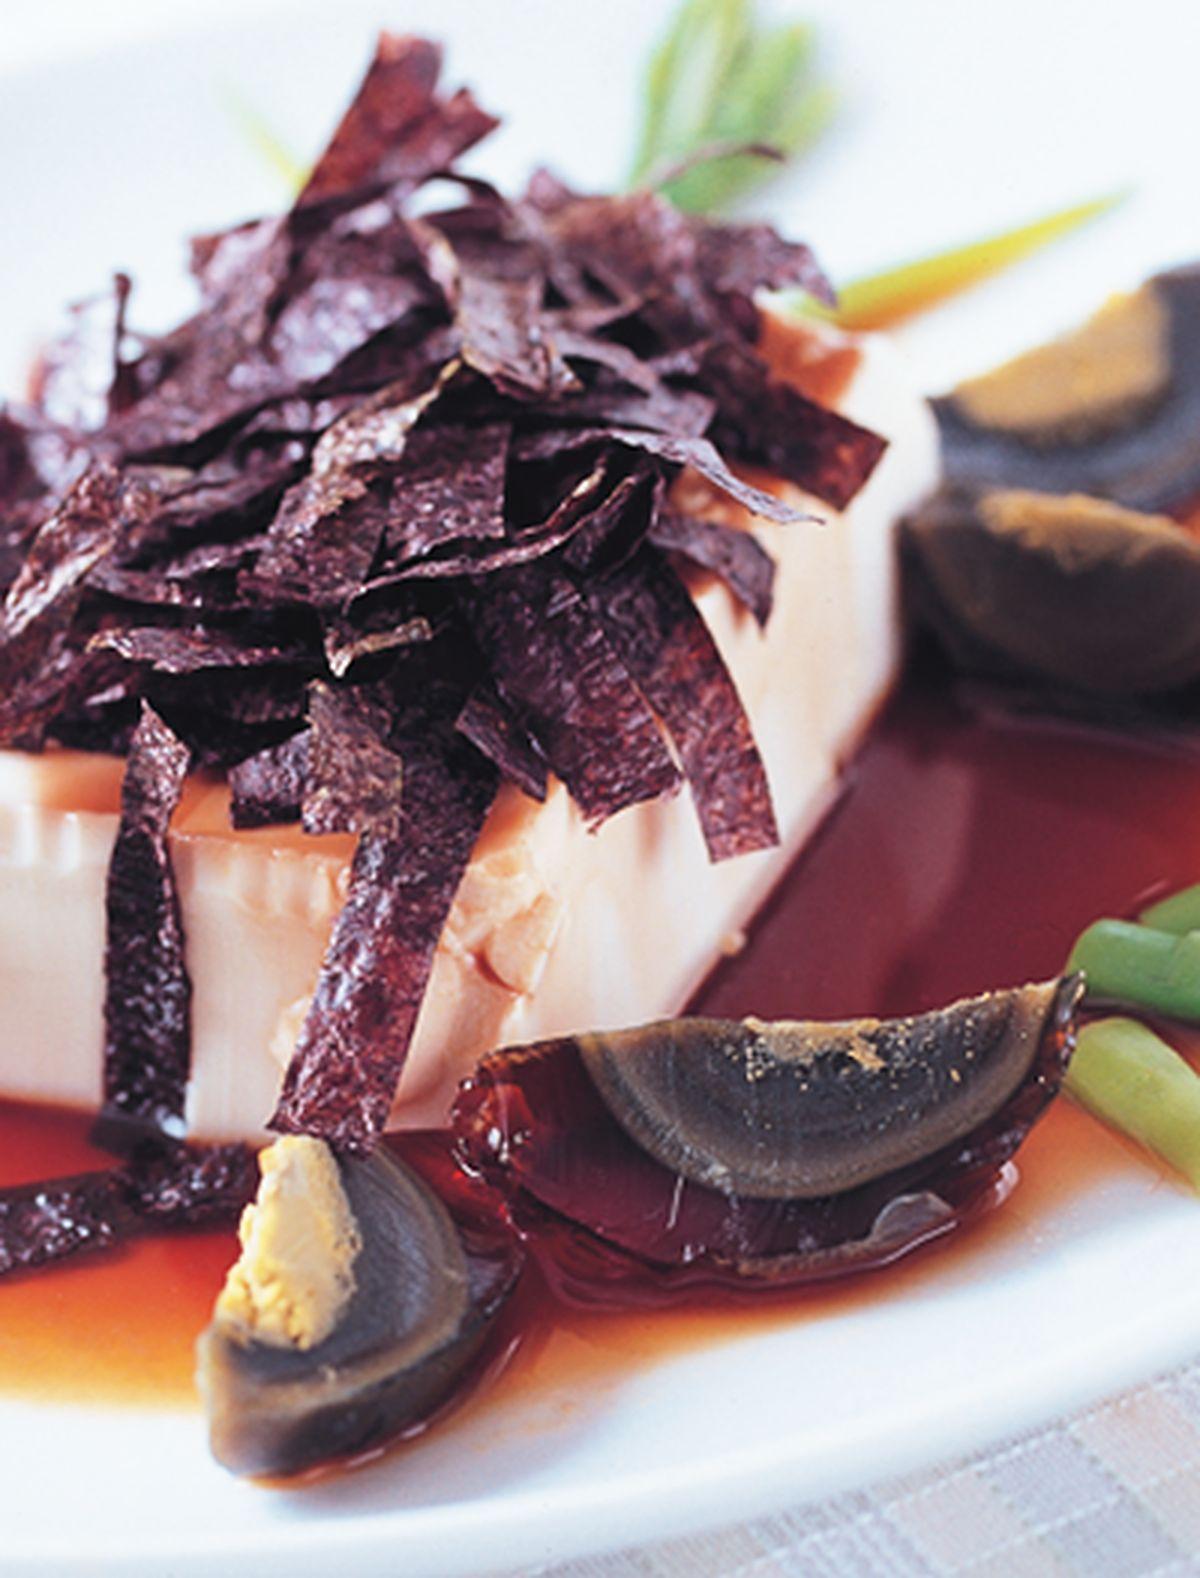 食譜:皮蛋紫菜拌豆腐